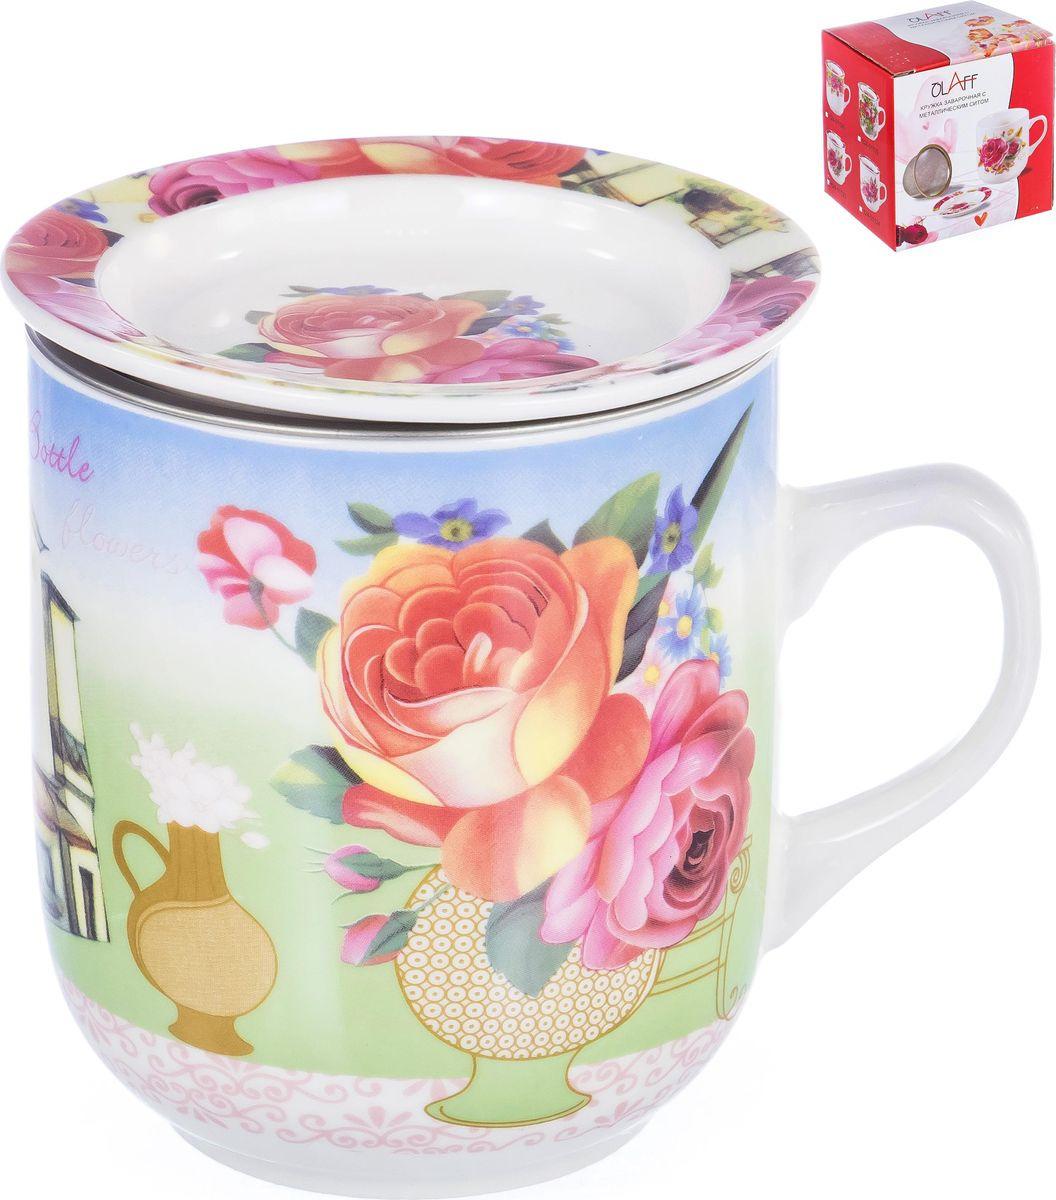 Фото - Кружка заварочная Olaff Флора Ваза с цветами, с ситечком, 124-01126, 350 мл кружка olaff 133 08050 350 мл